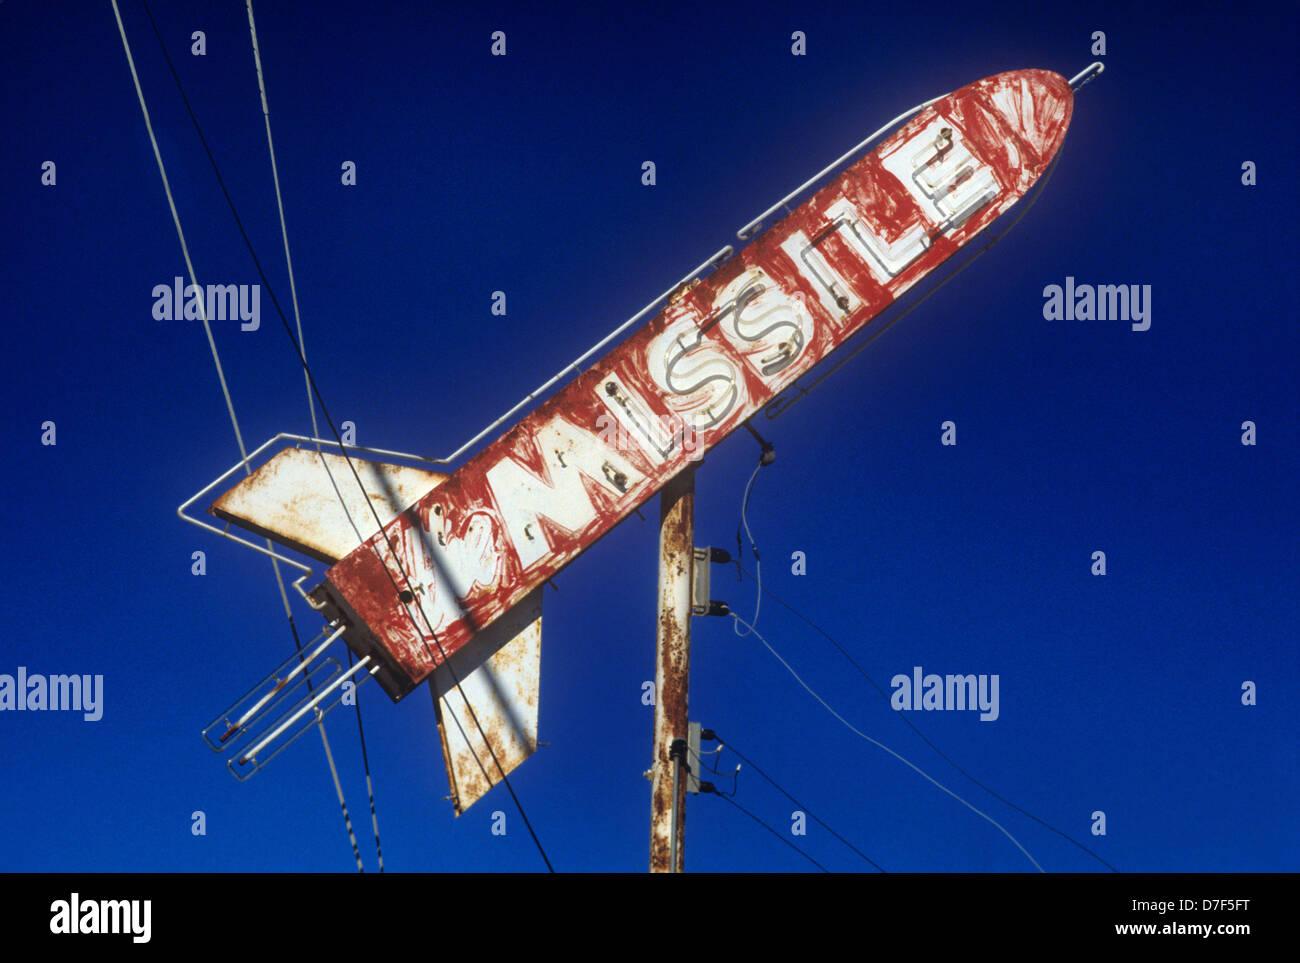 Vintage 60s decadente era signo de un bar llamado el misil Imagen De Stock